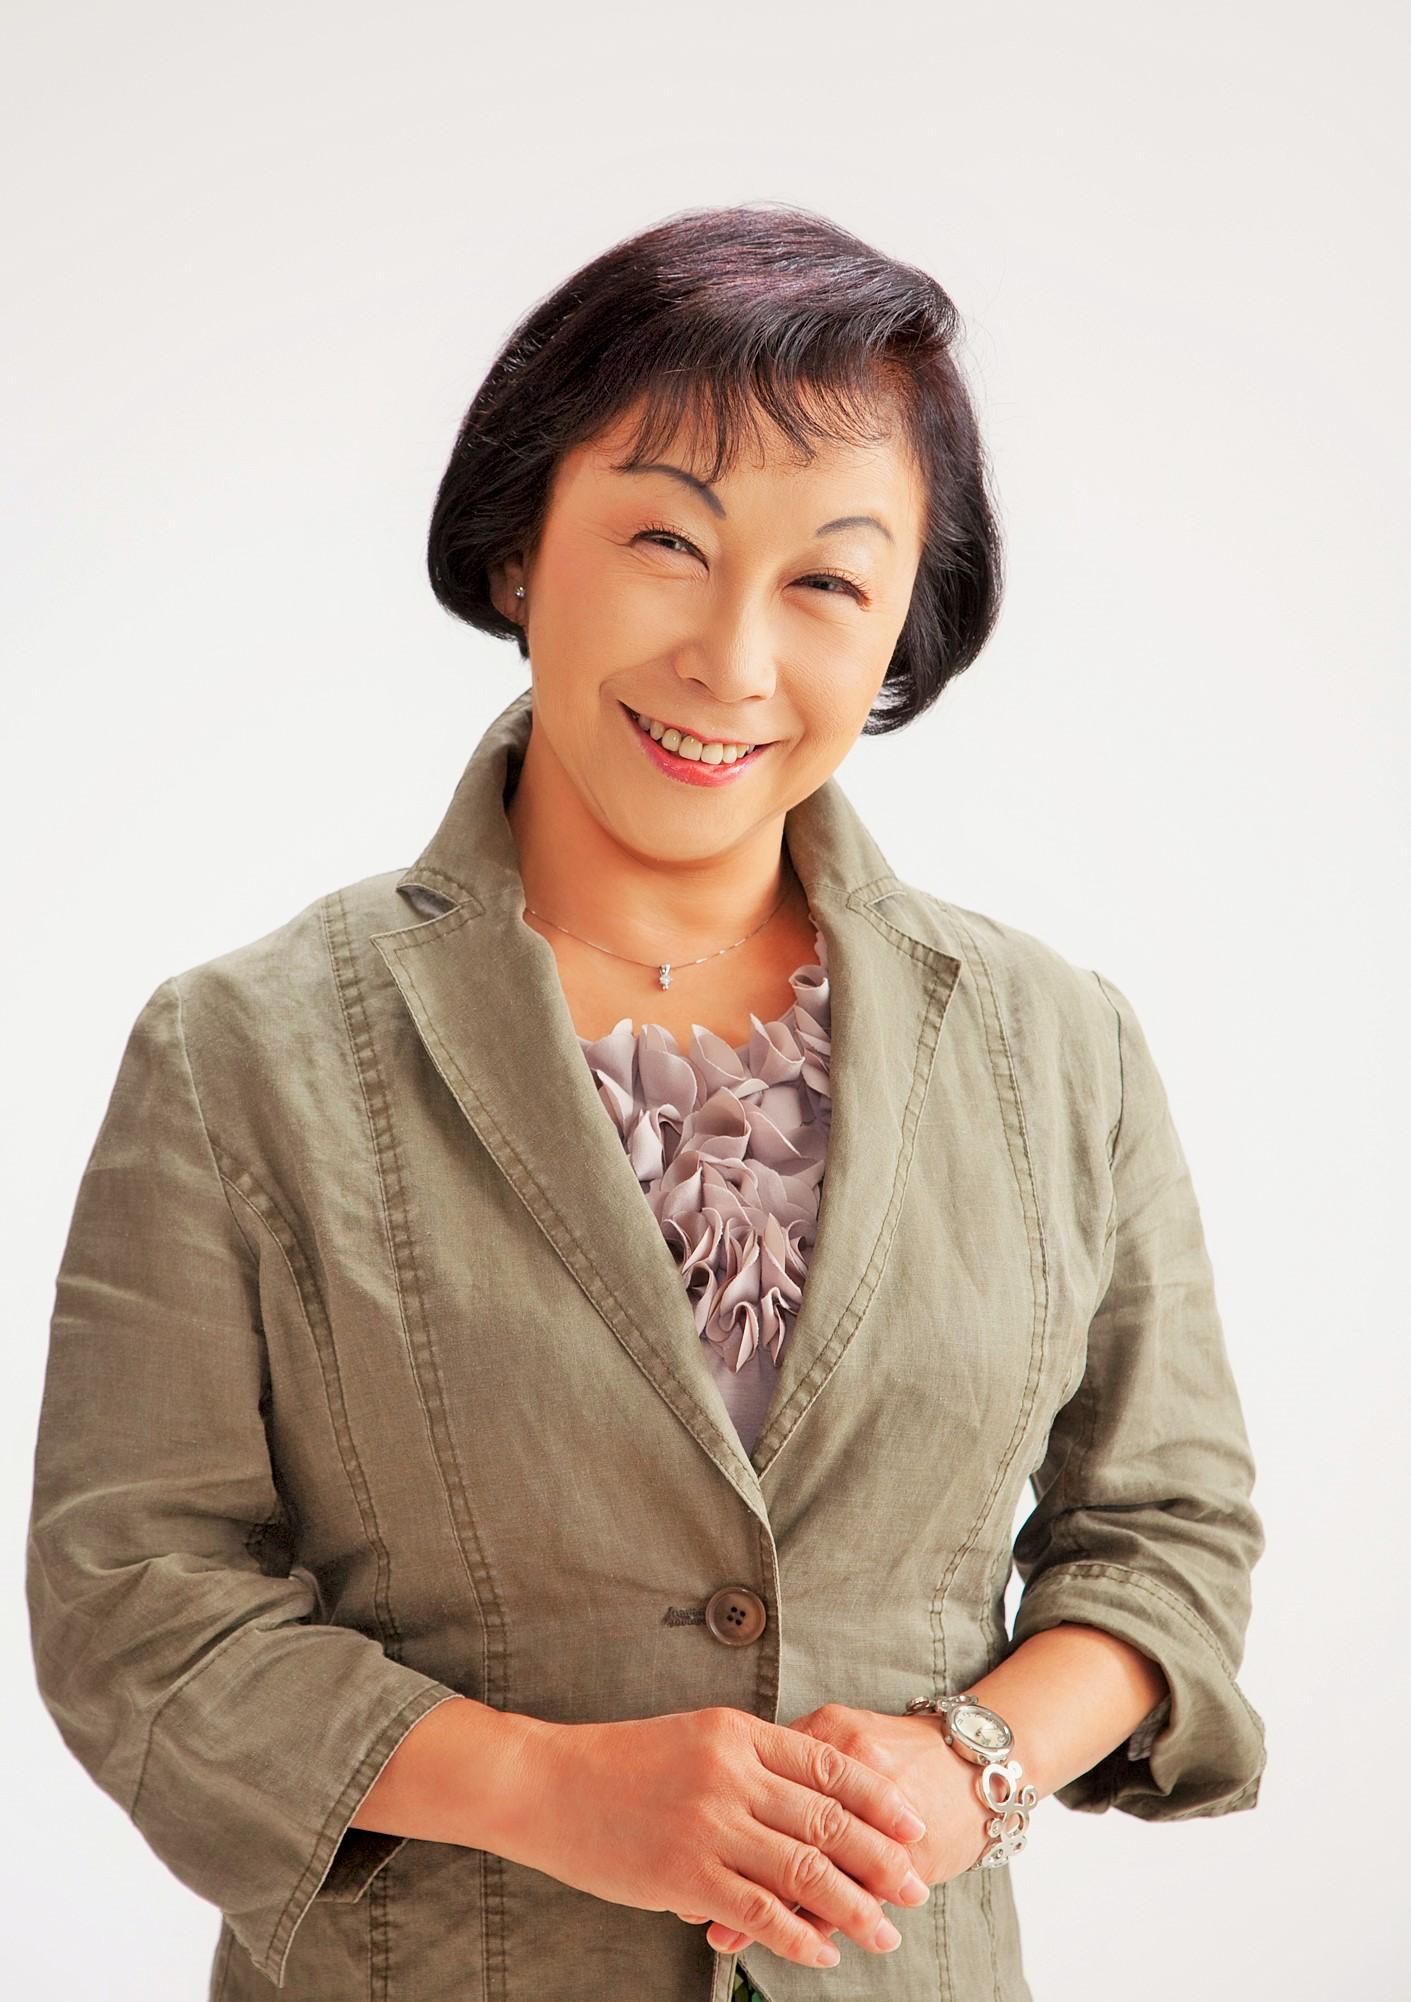 未来創造館代表取締役斎藤緑